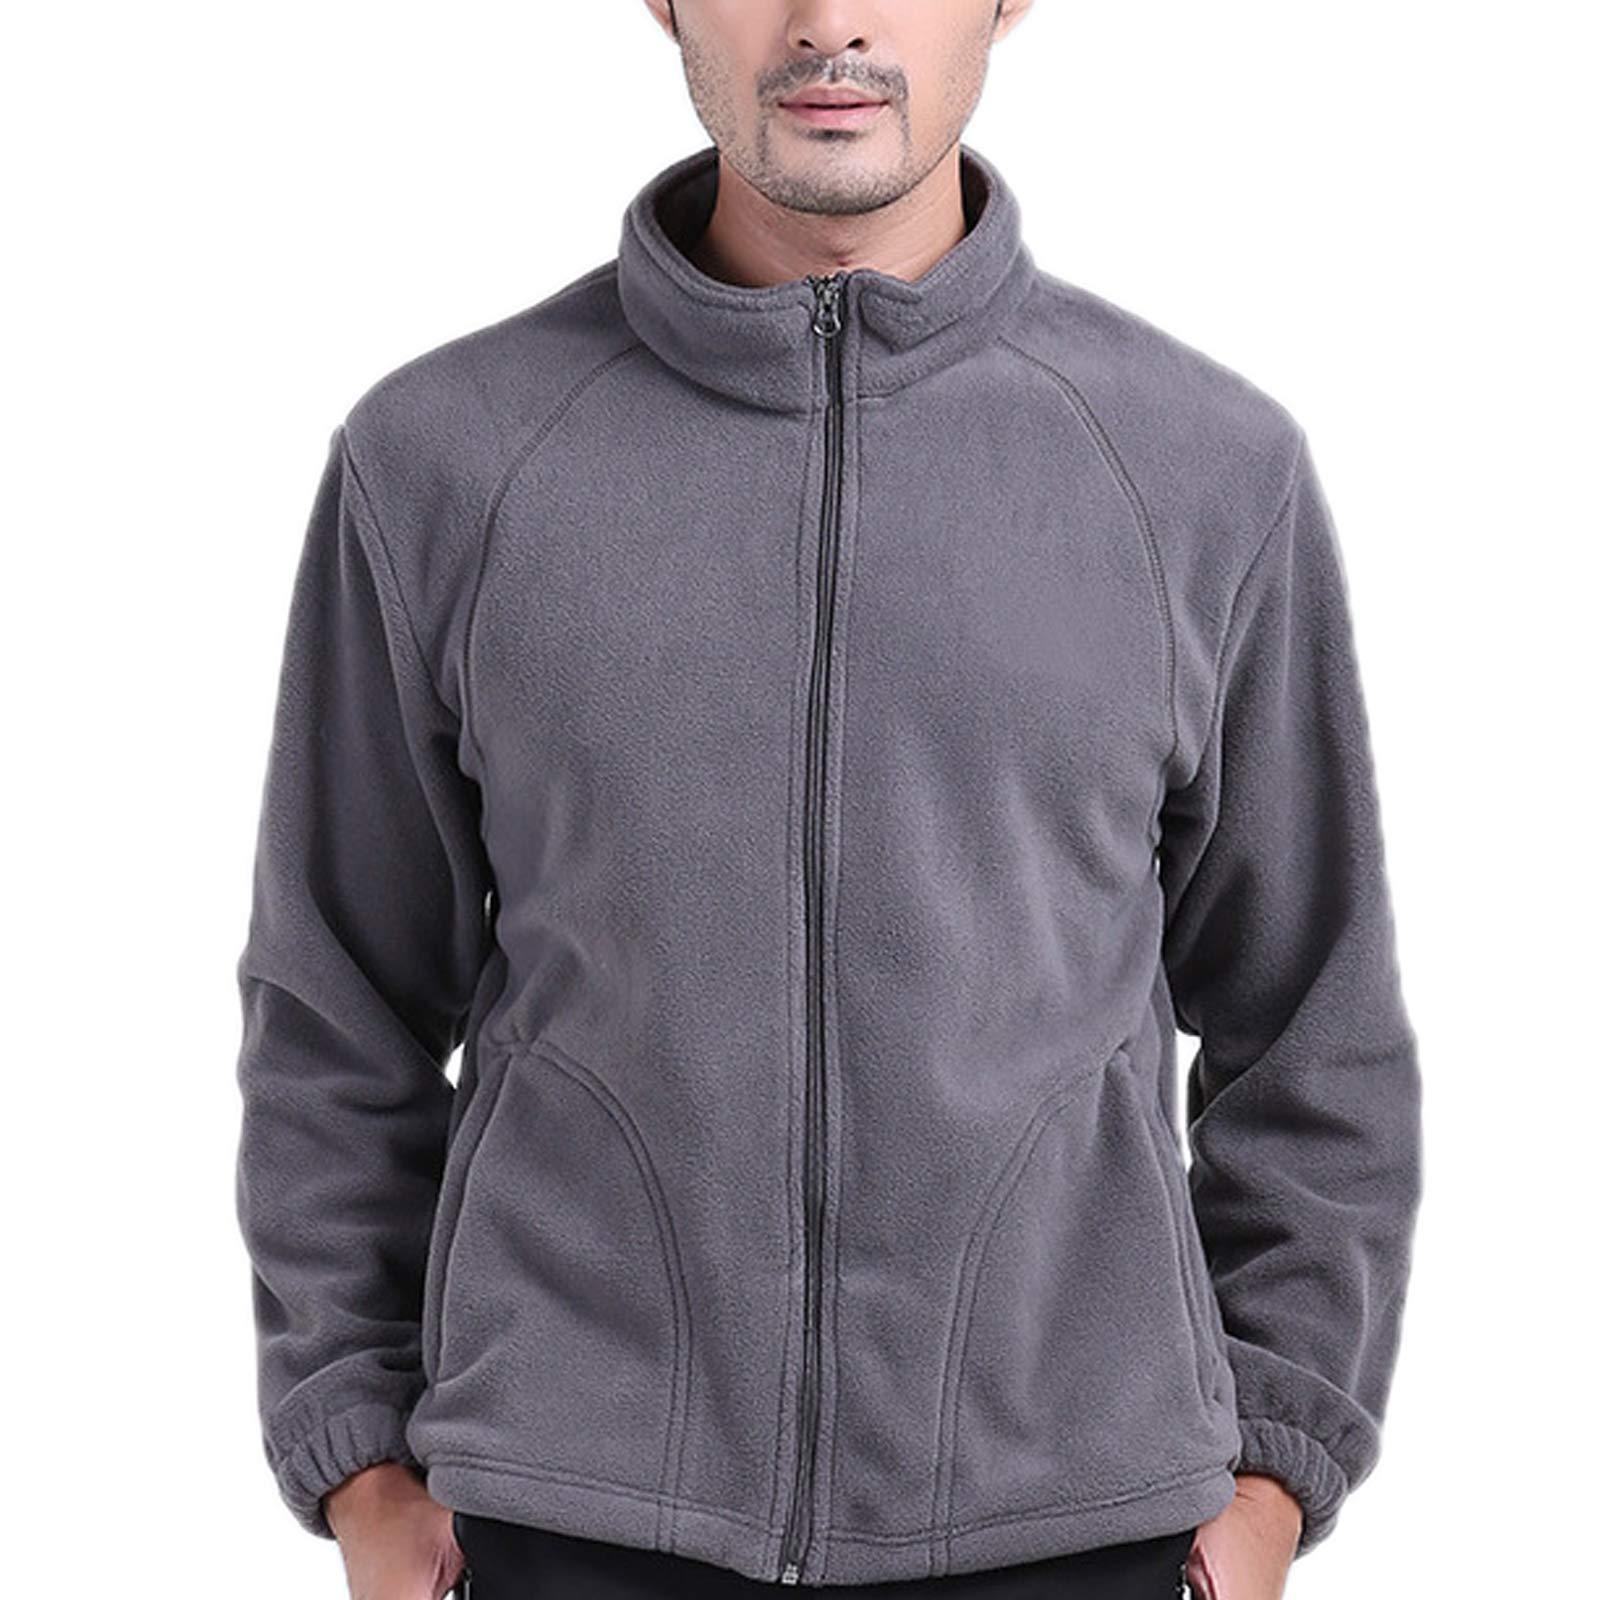 ZumZup Mens Fleece Jacket Full Zip Stand Collar Sportwear Top Outwear Grey Bust 41.7''(Asie S) by ZumZup